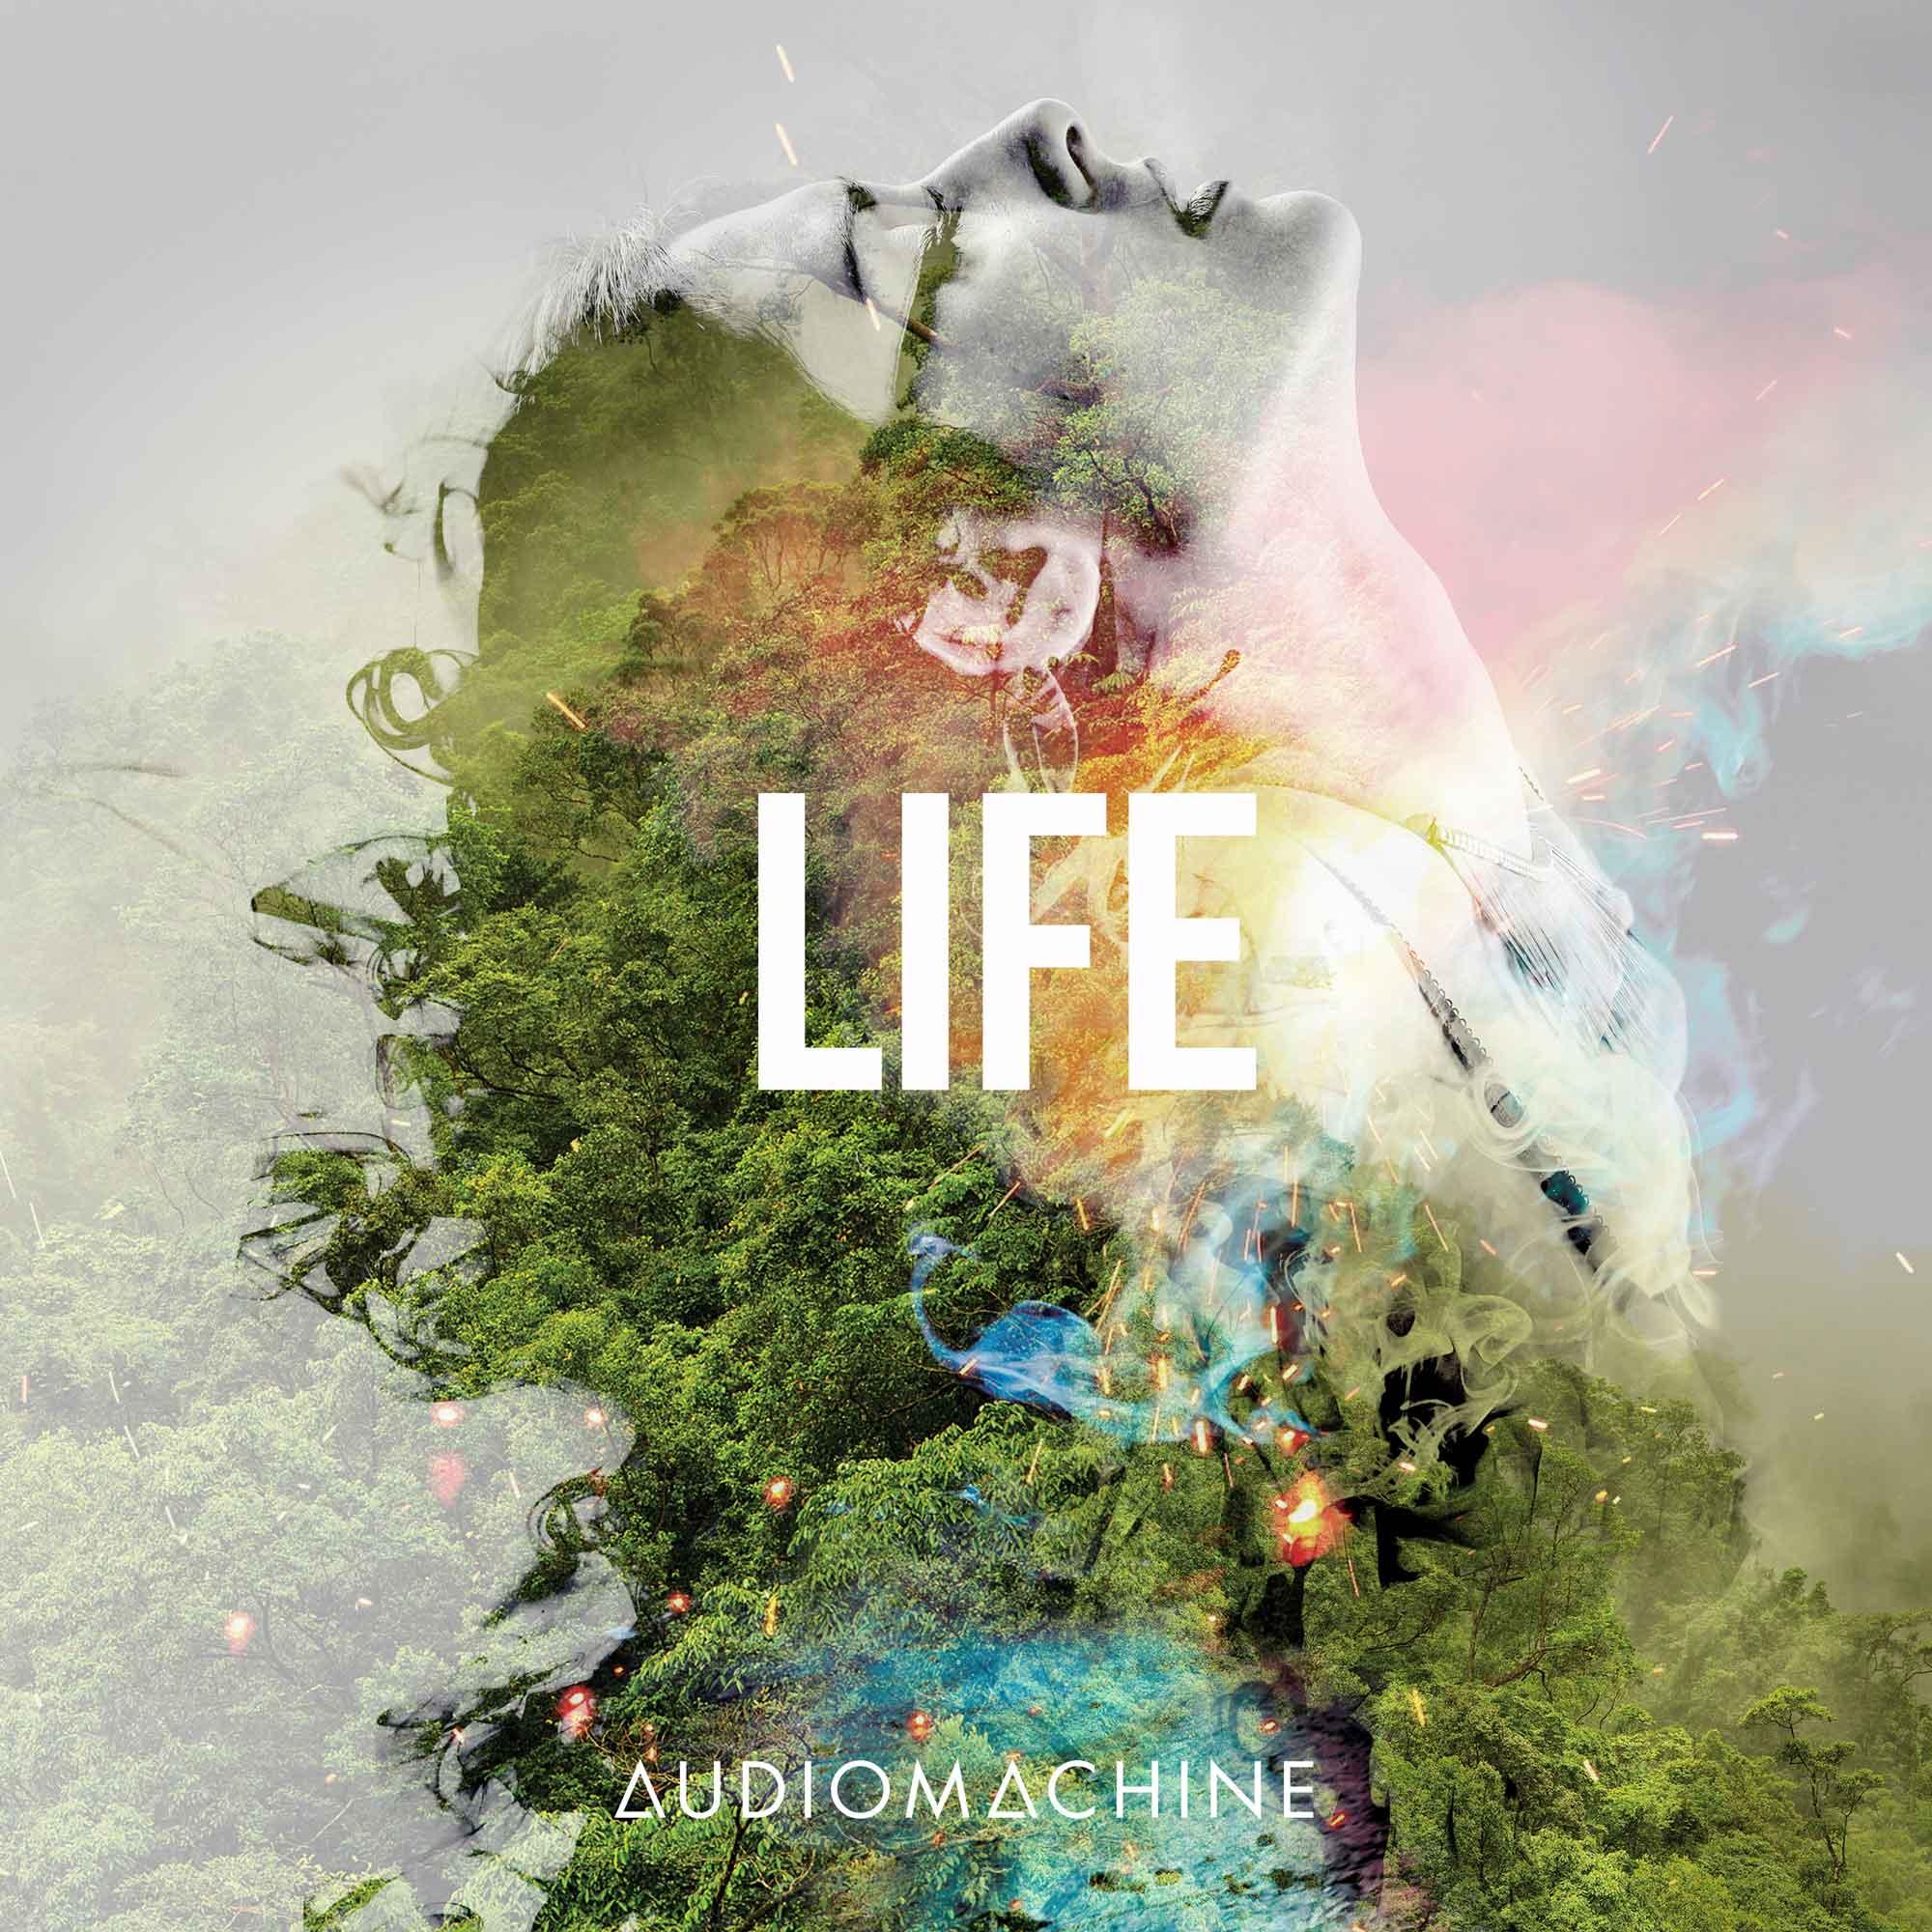 Audiomachine Life